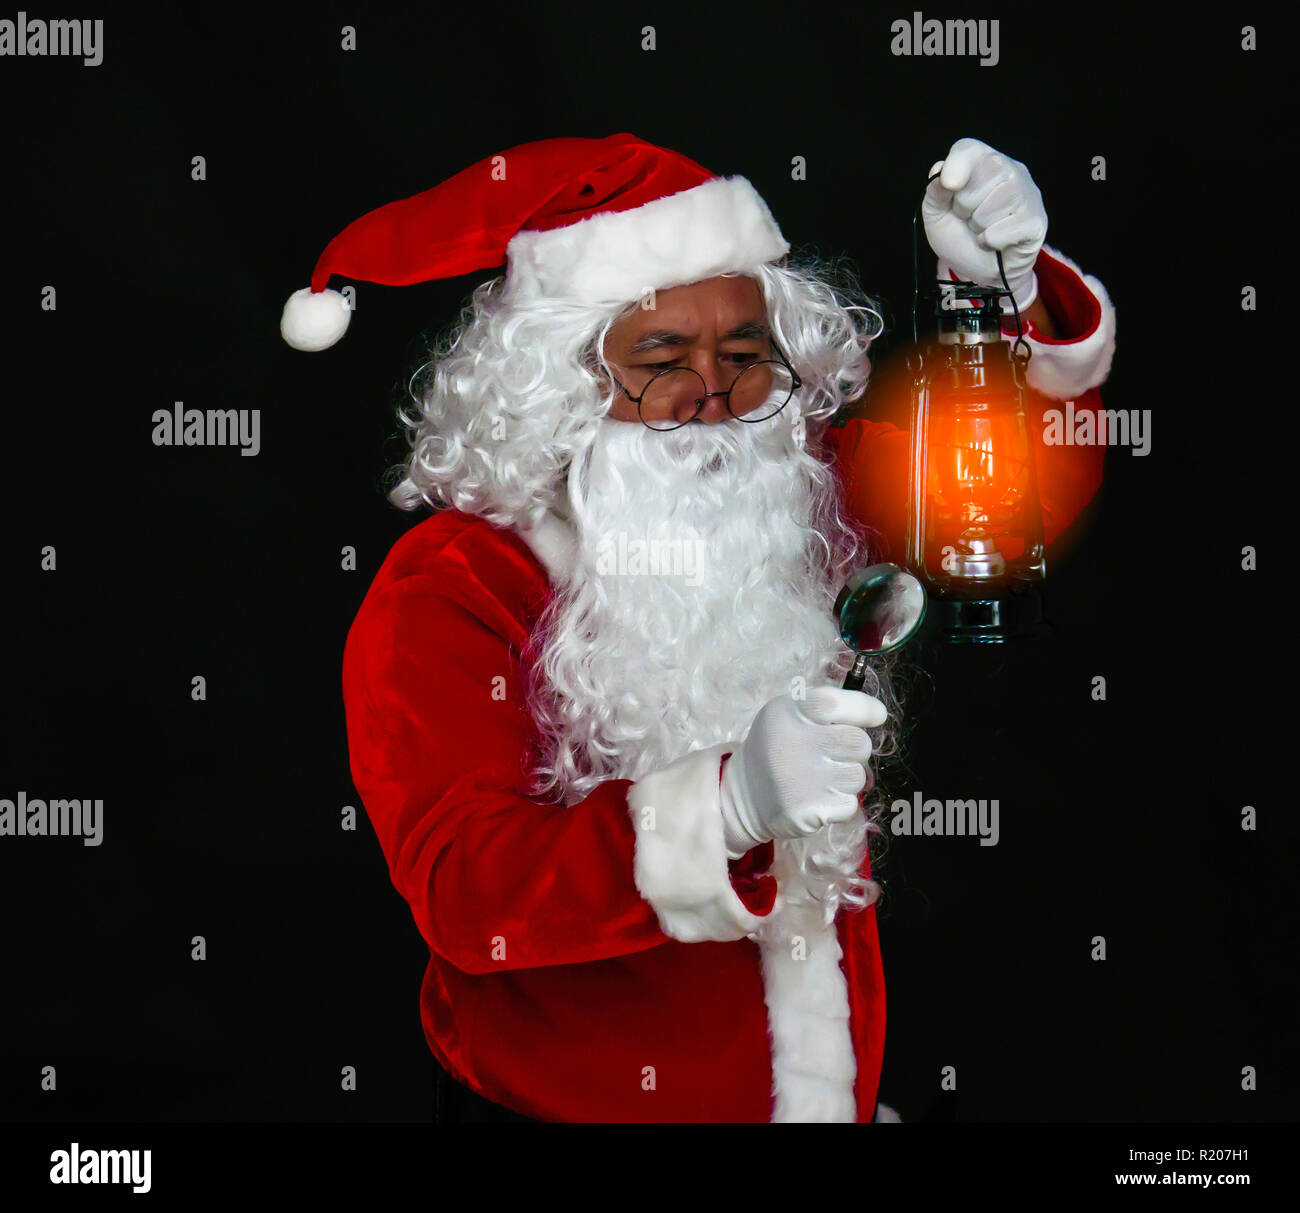 aa8f44fbc6150 Santa Claus holding lantern for lighting studio shot on black background  for family